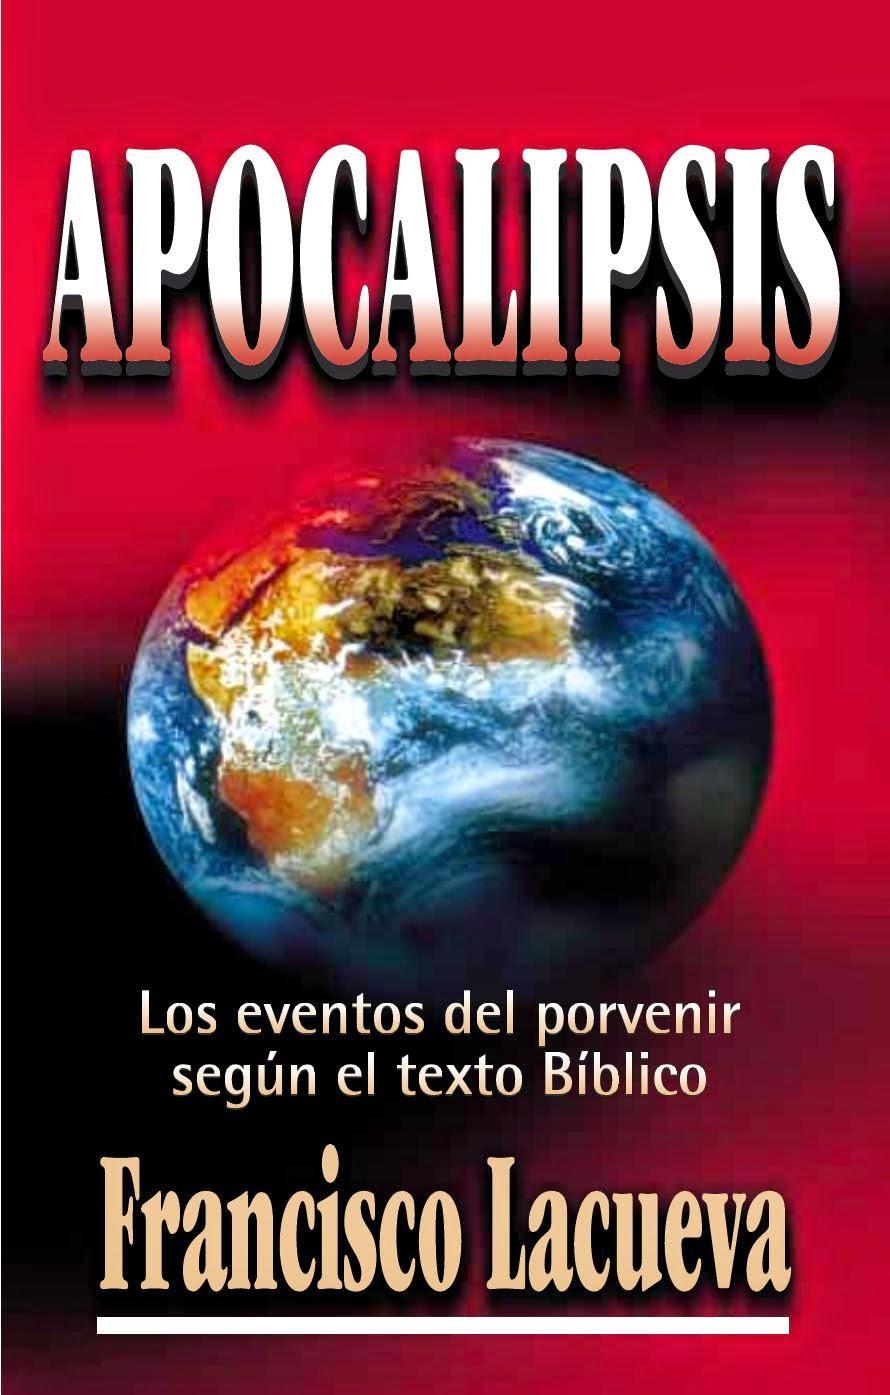 Francisco Lacueva Lafarga-Apocalipsis-